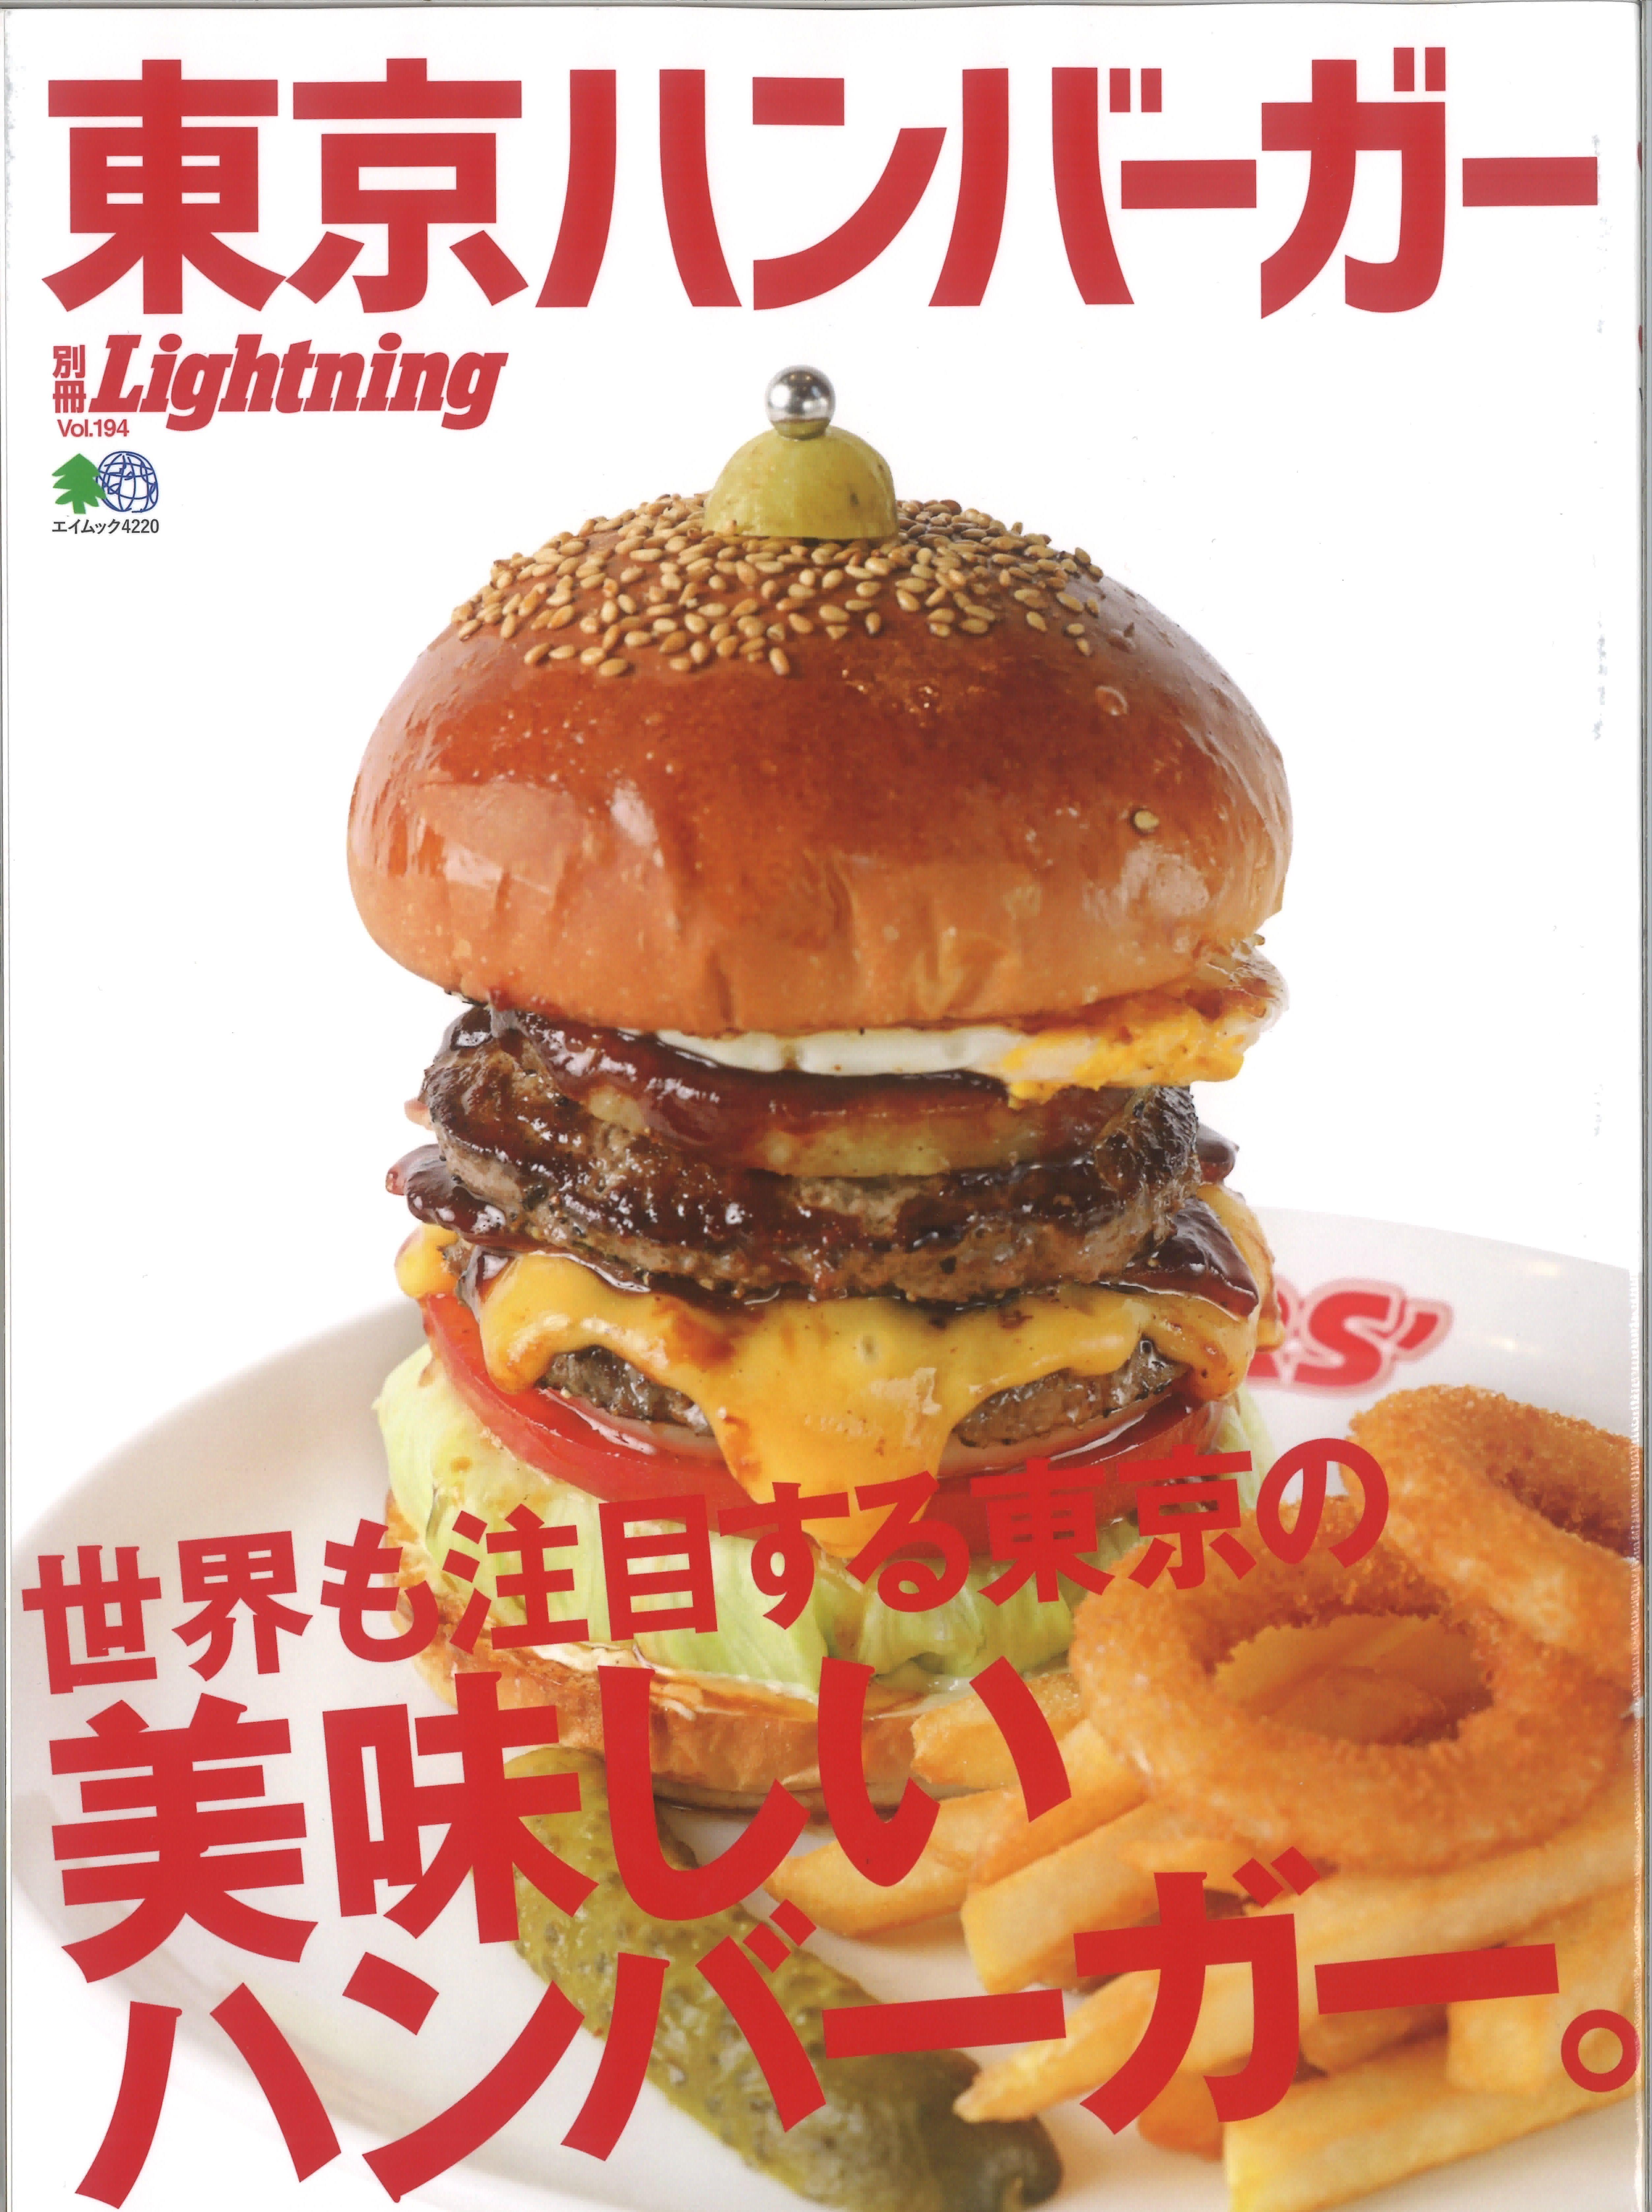 12/11 別冊Lightning 東京ハンバーガーに掲載されました